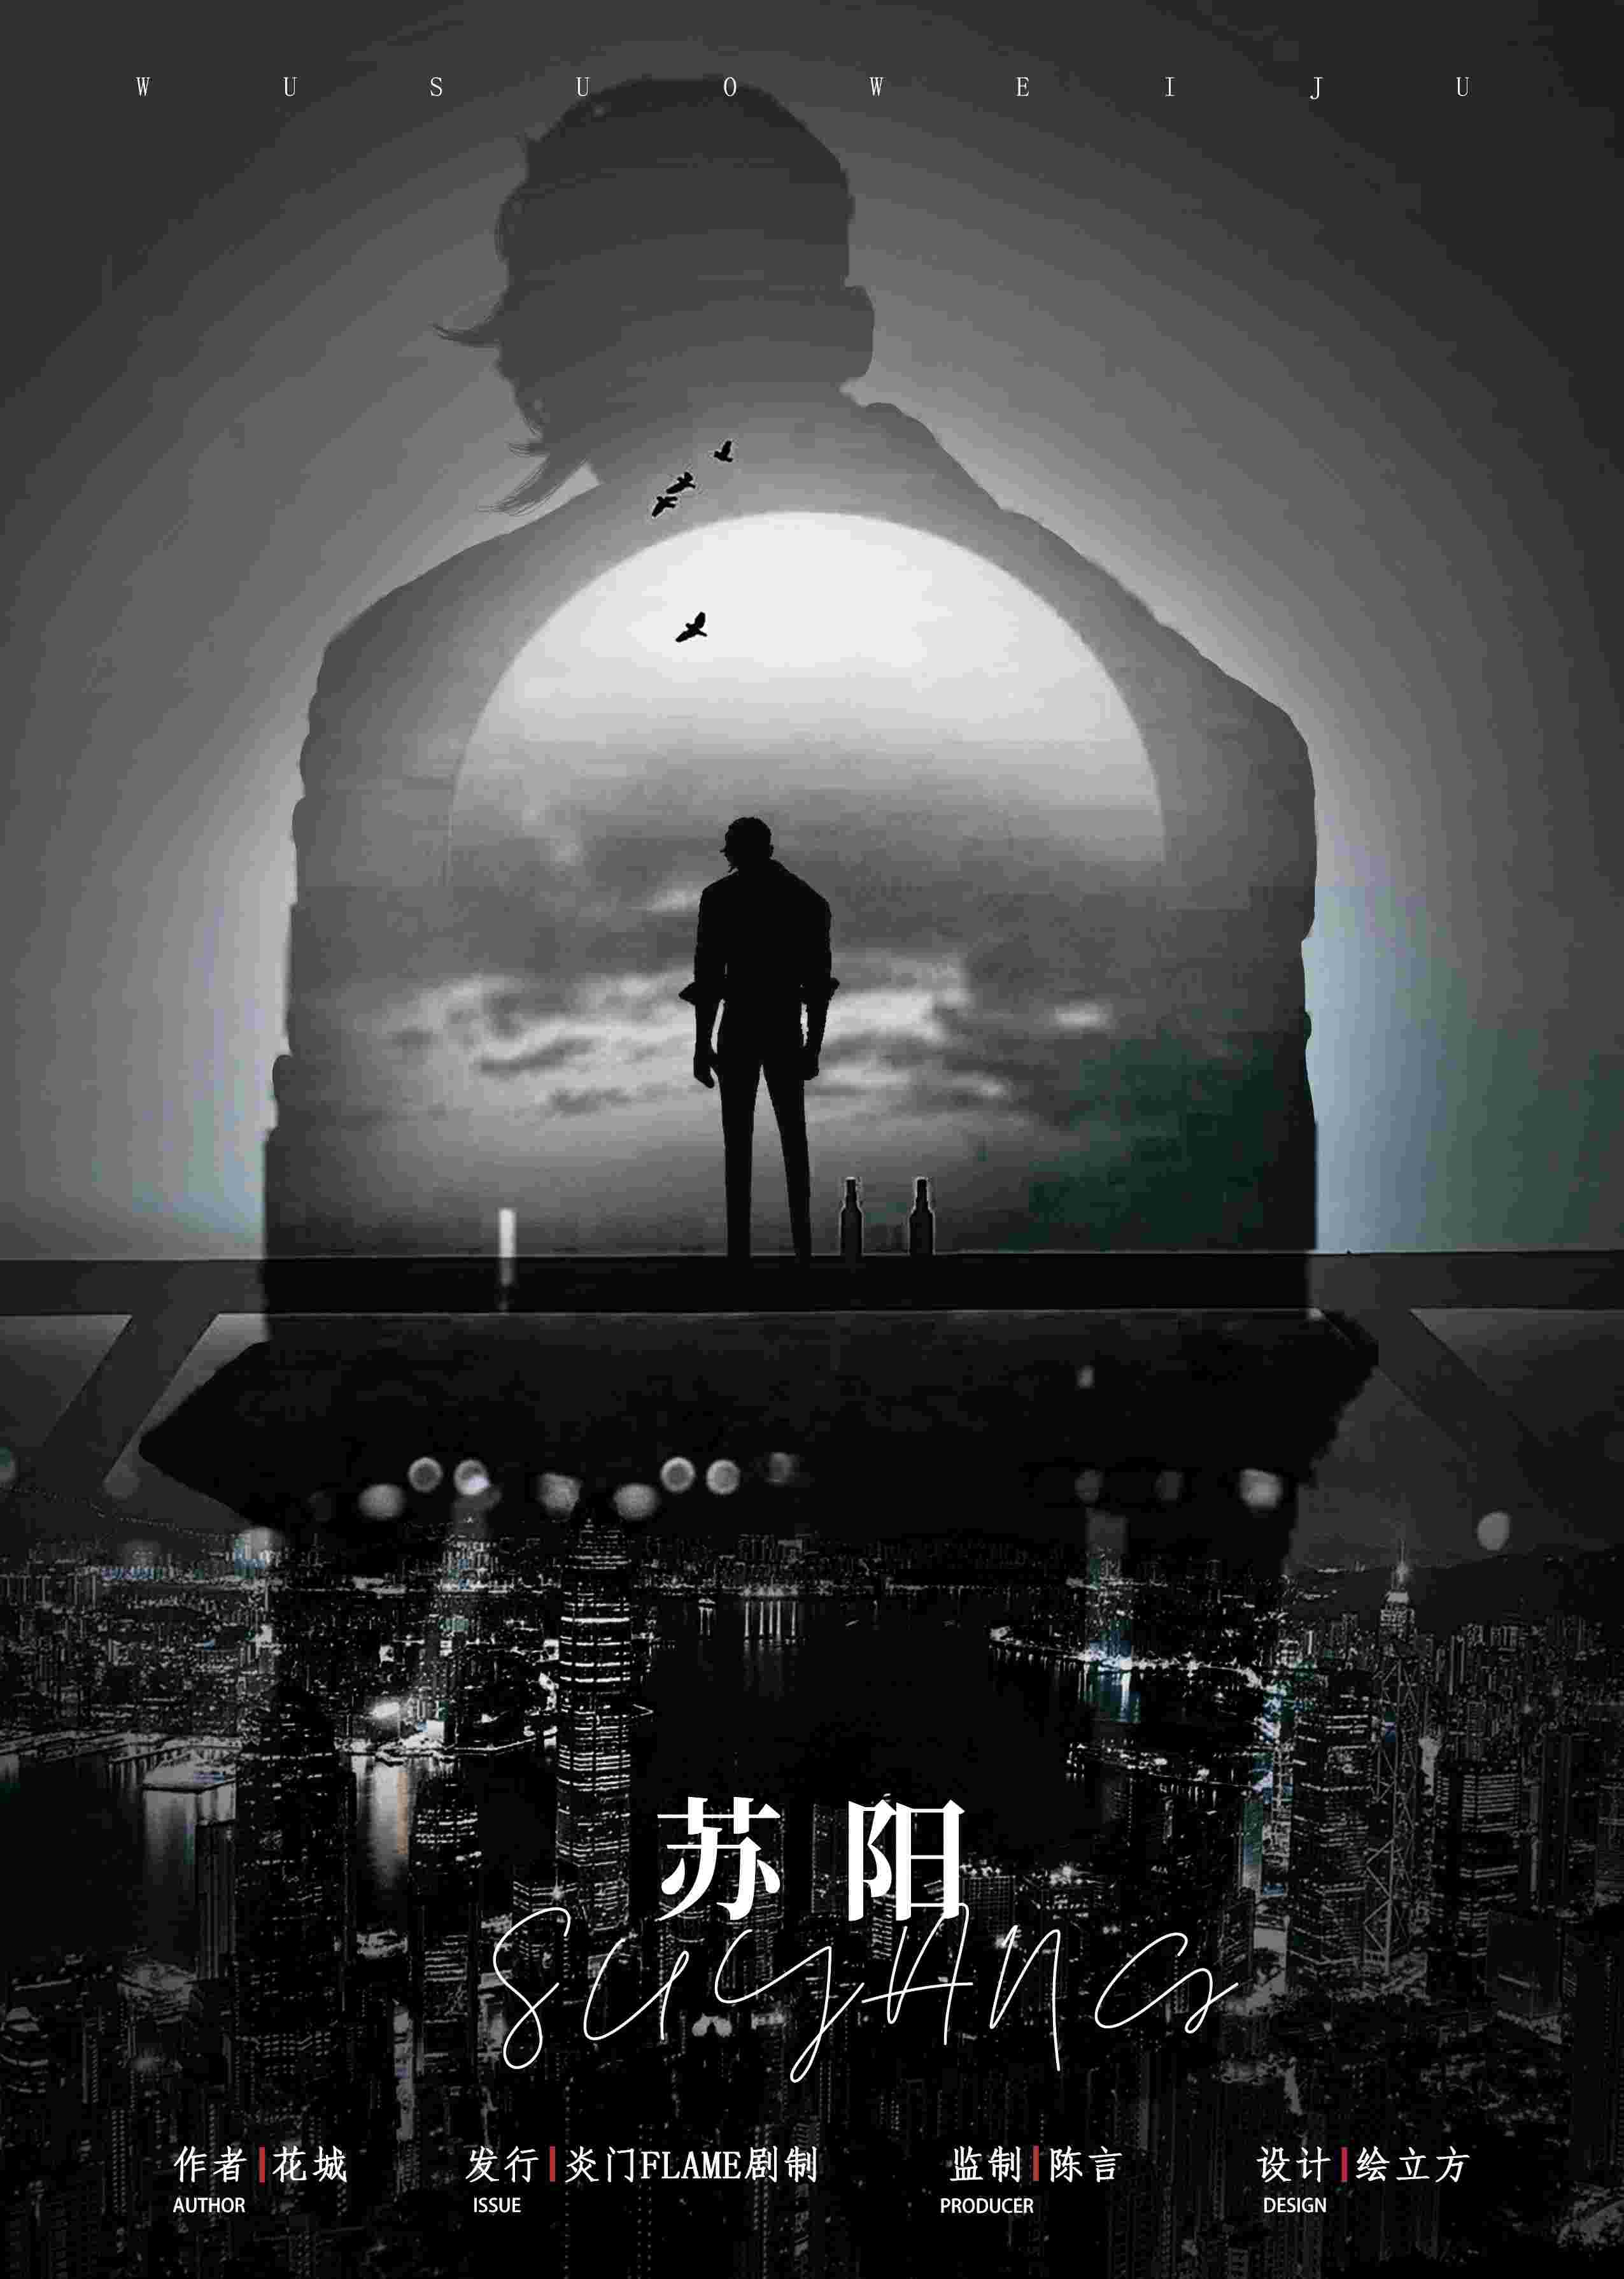 『镜中回廊』剧本杀复盘凶手是谁真相剧透解析